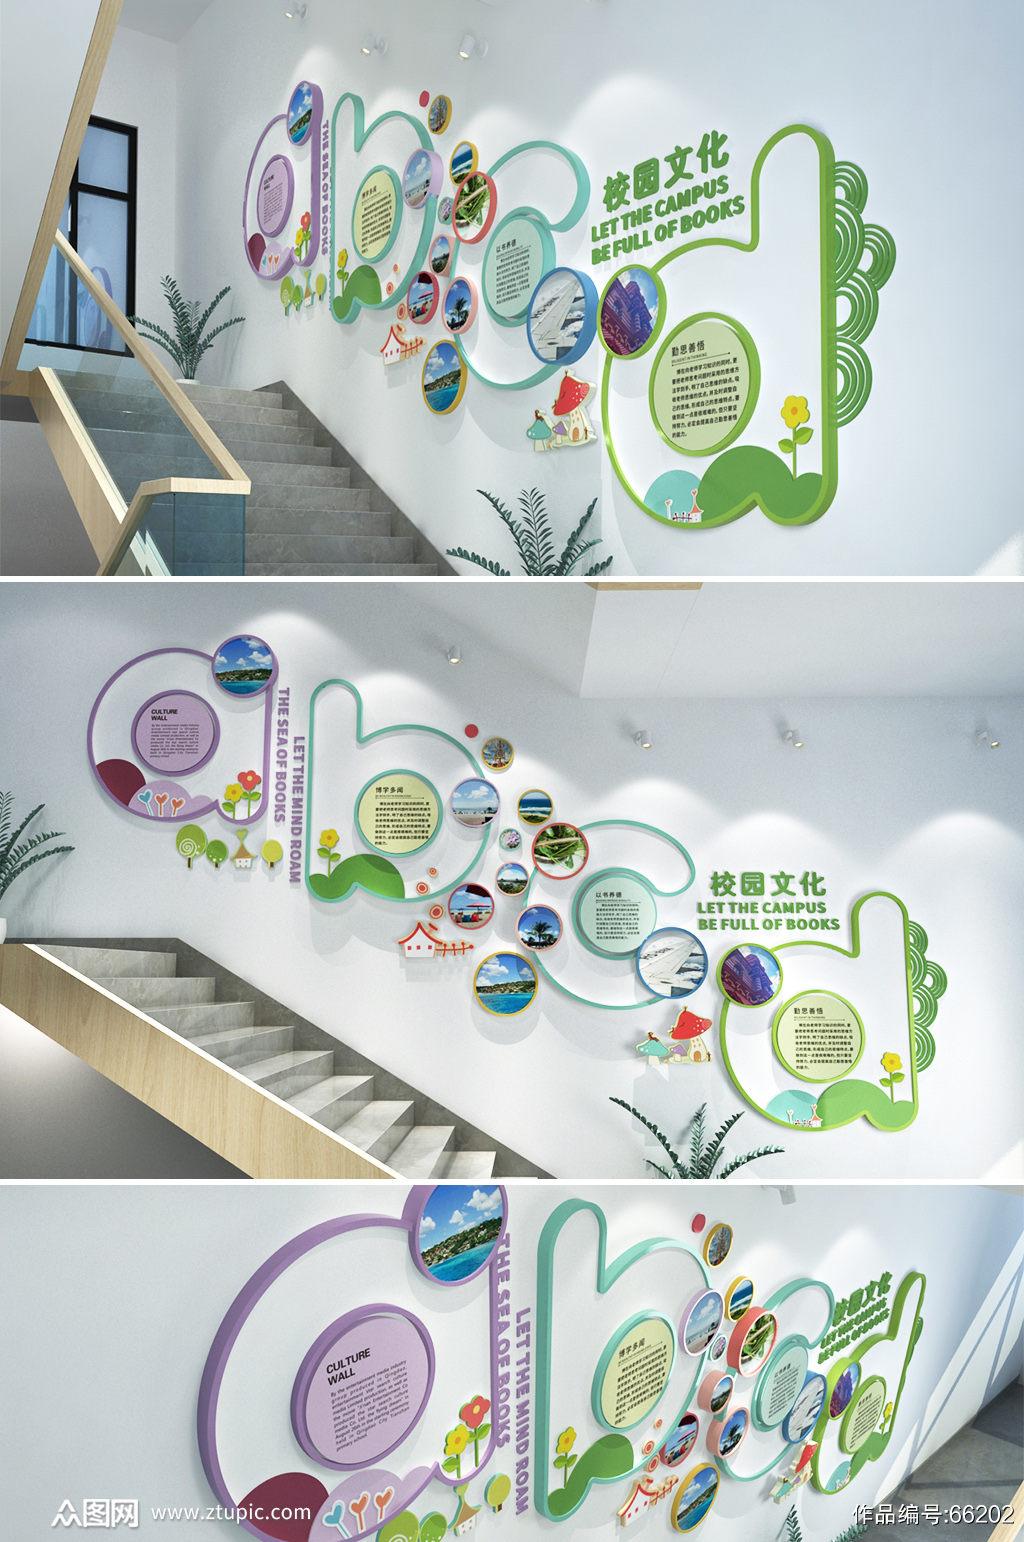 卡通英文班级教室和谐农村小学学校园楼道楼梯文化墙素材